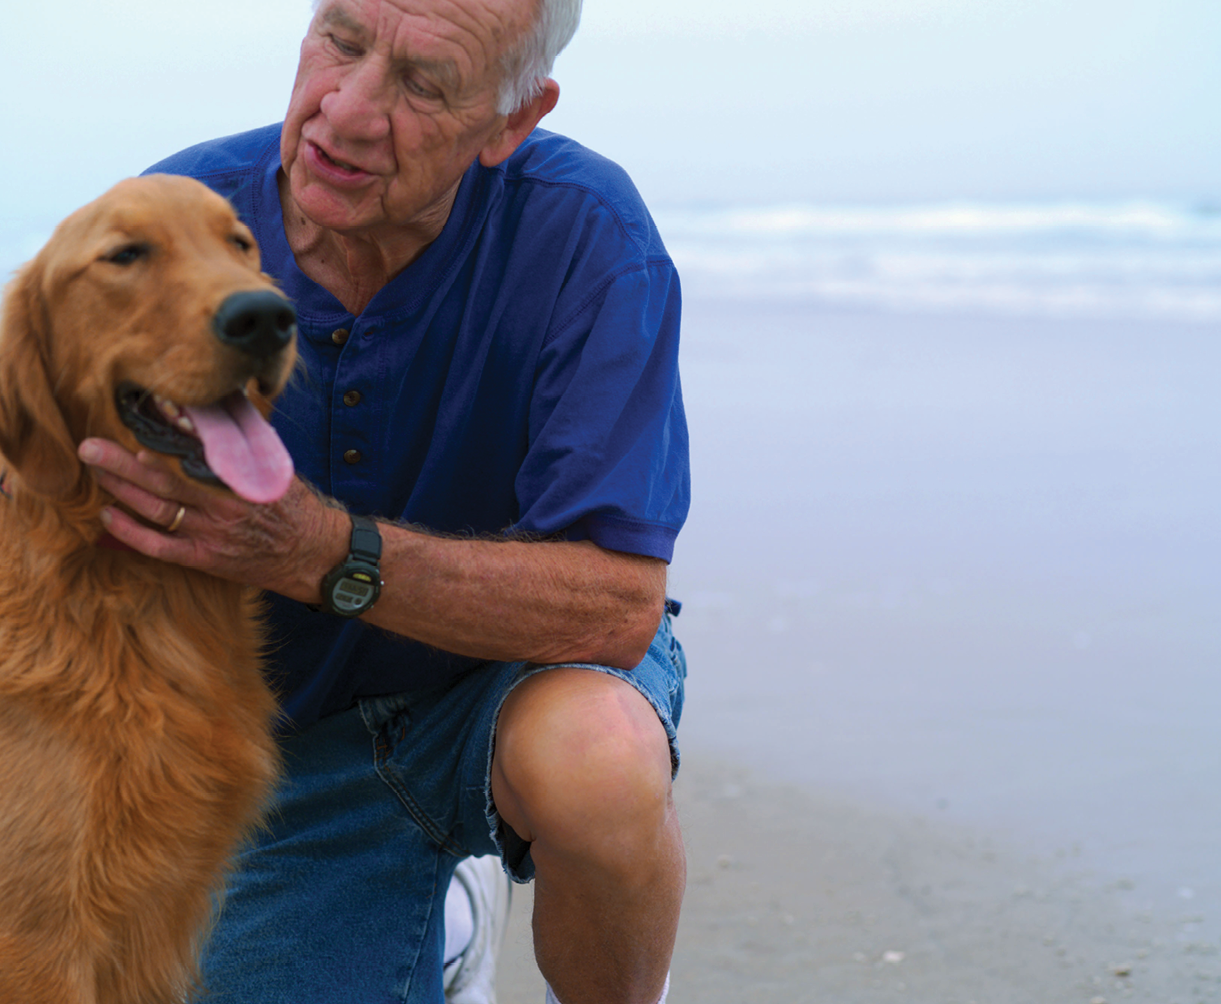 Senior man with dog on beach